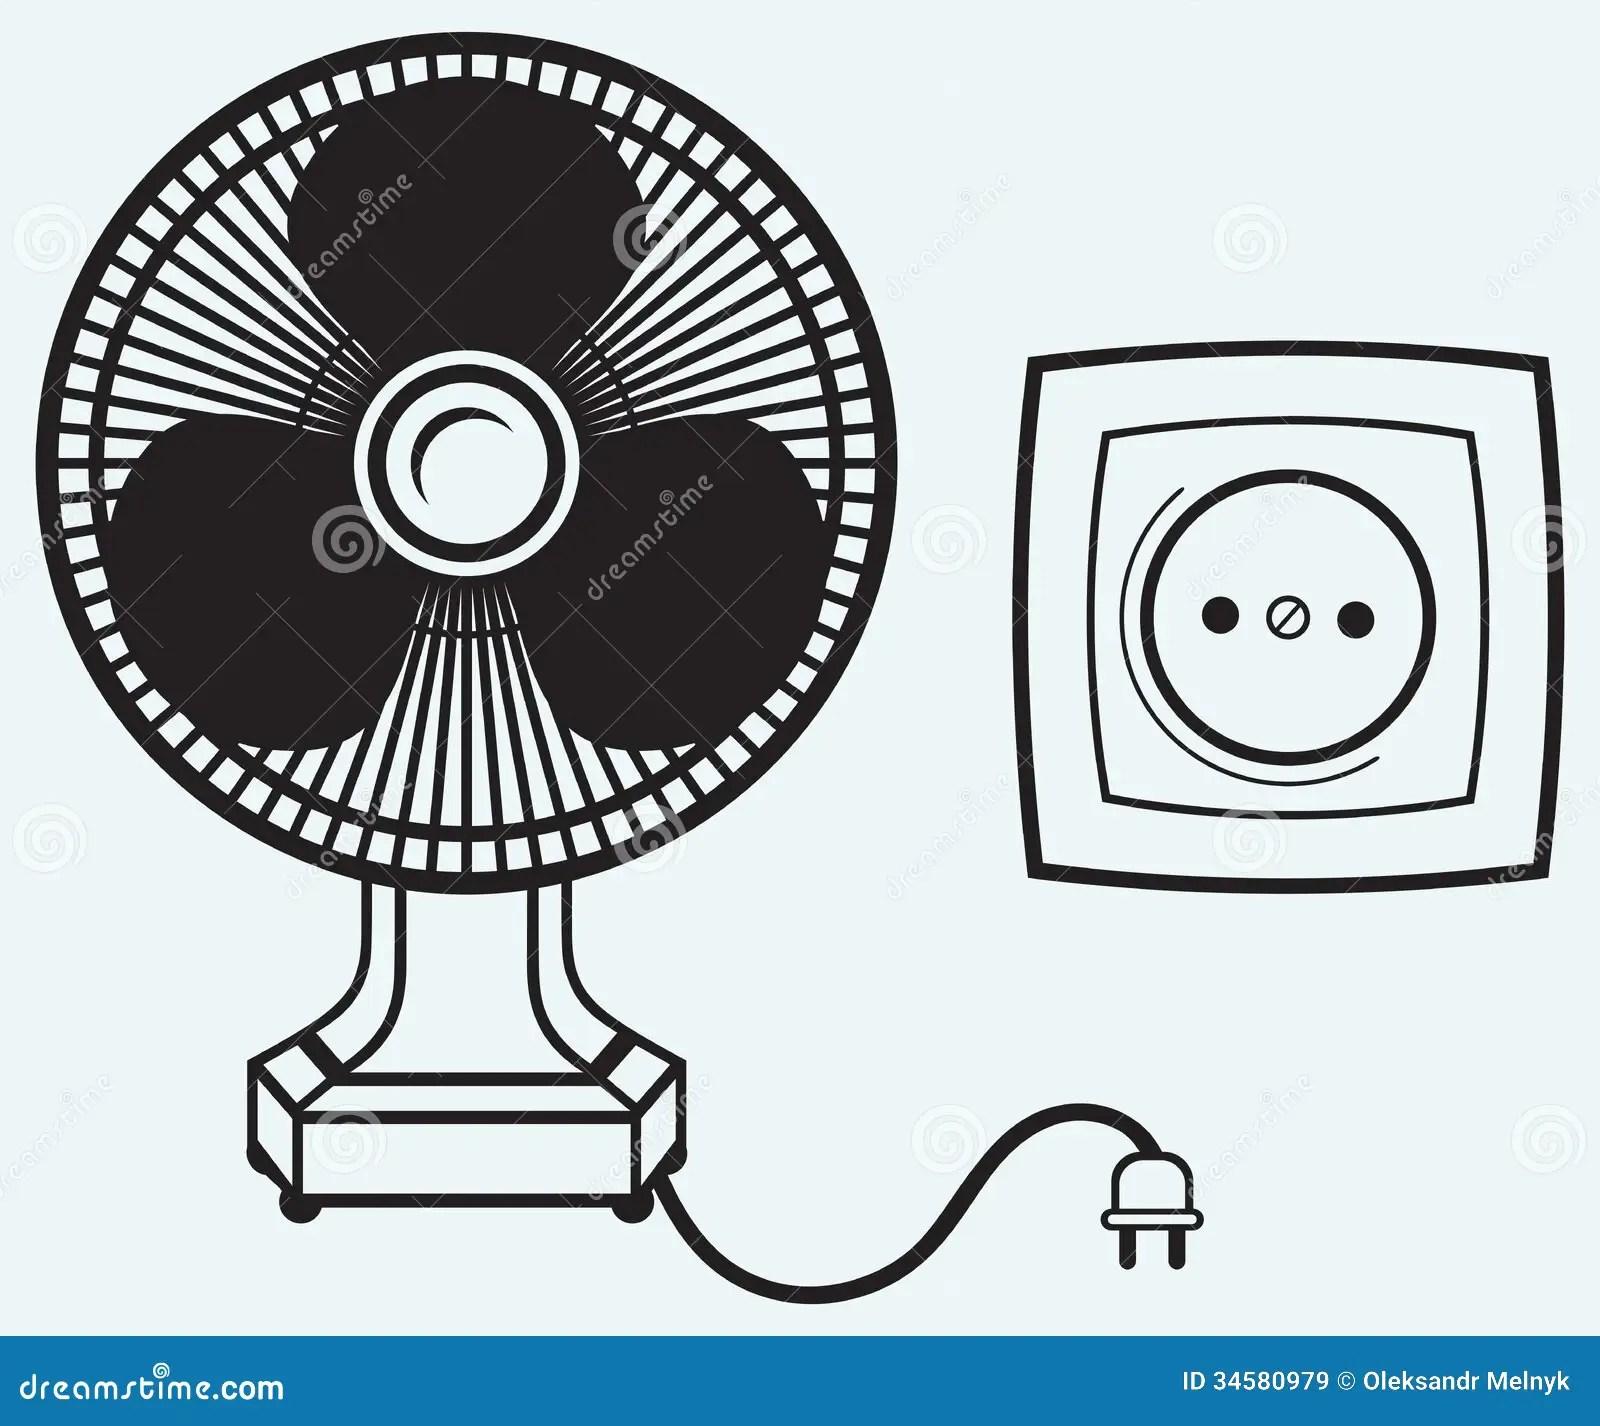 Animated Electric Repair